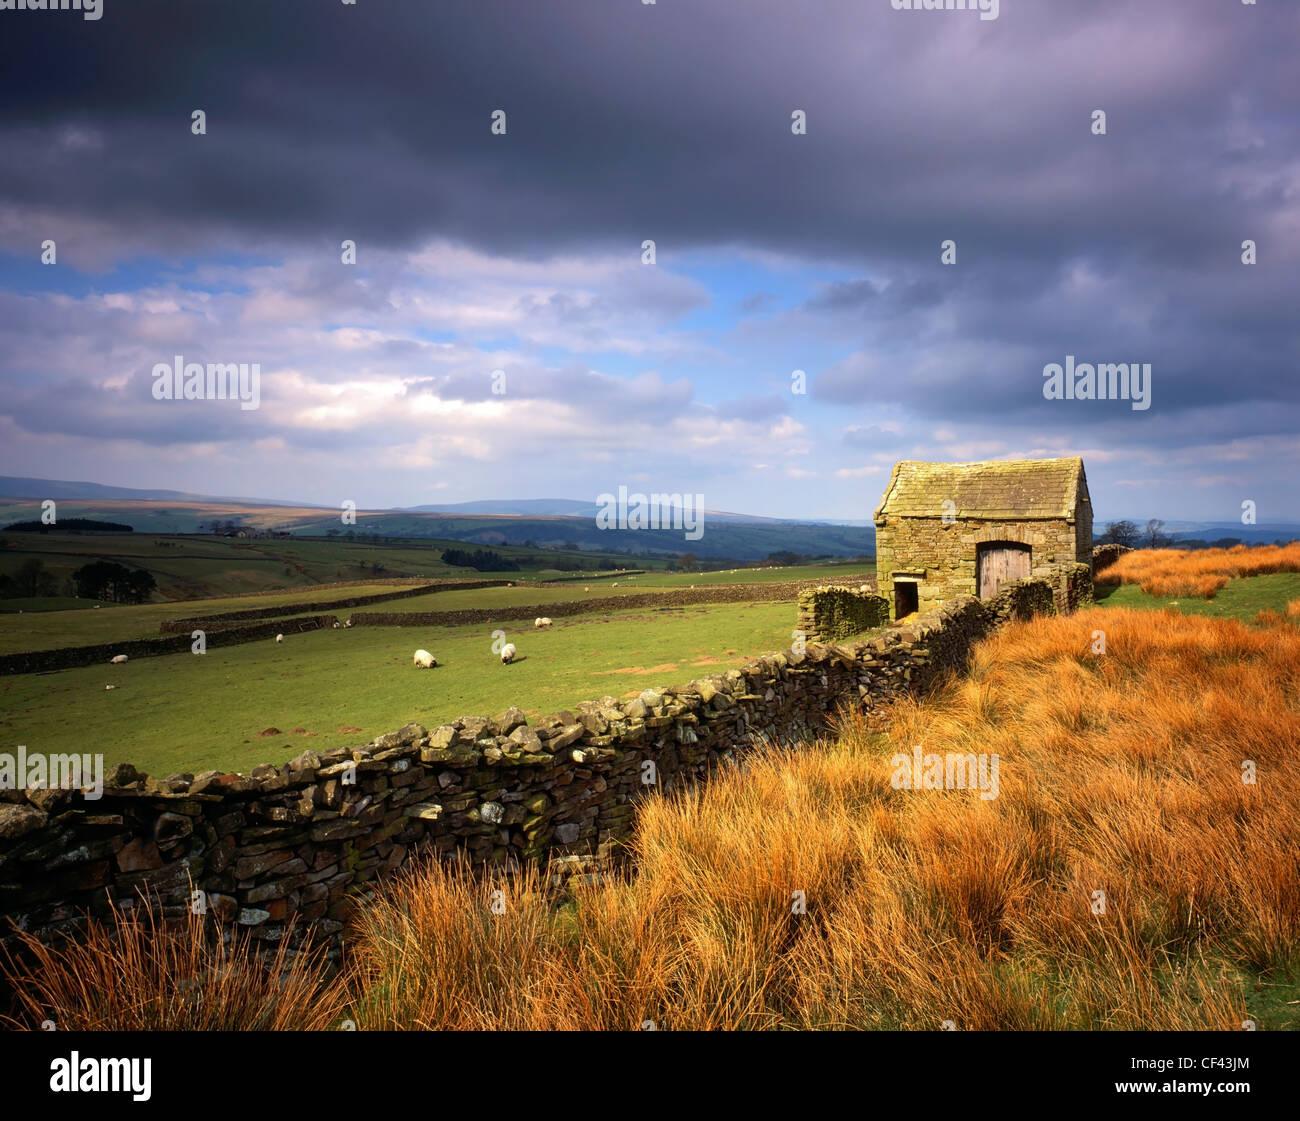 Schafbeweidung in einem Feld eine traditionelle Trockensteinmauer und Scheune im Wald von Bowland umgeben. Stockbild